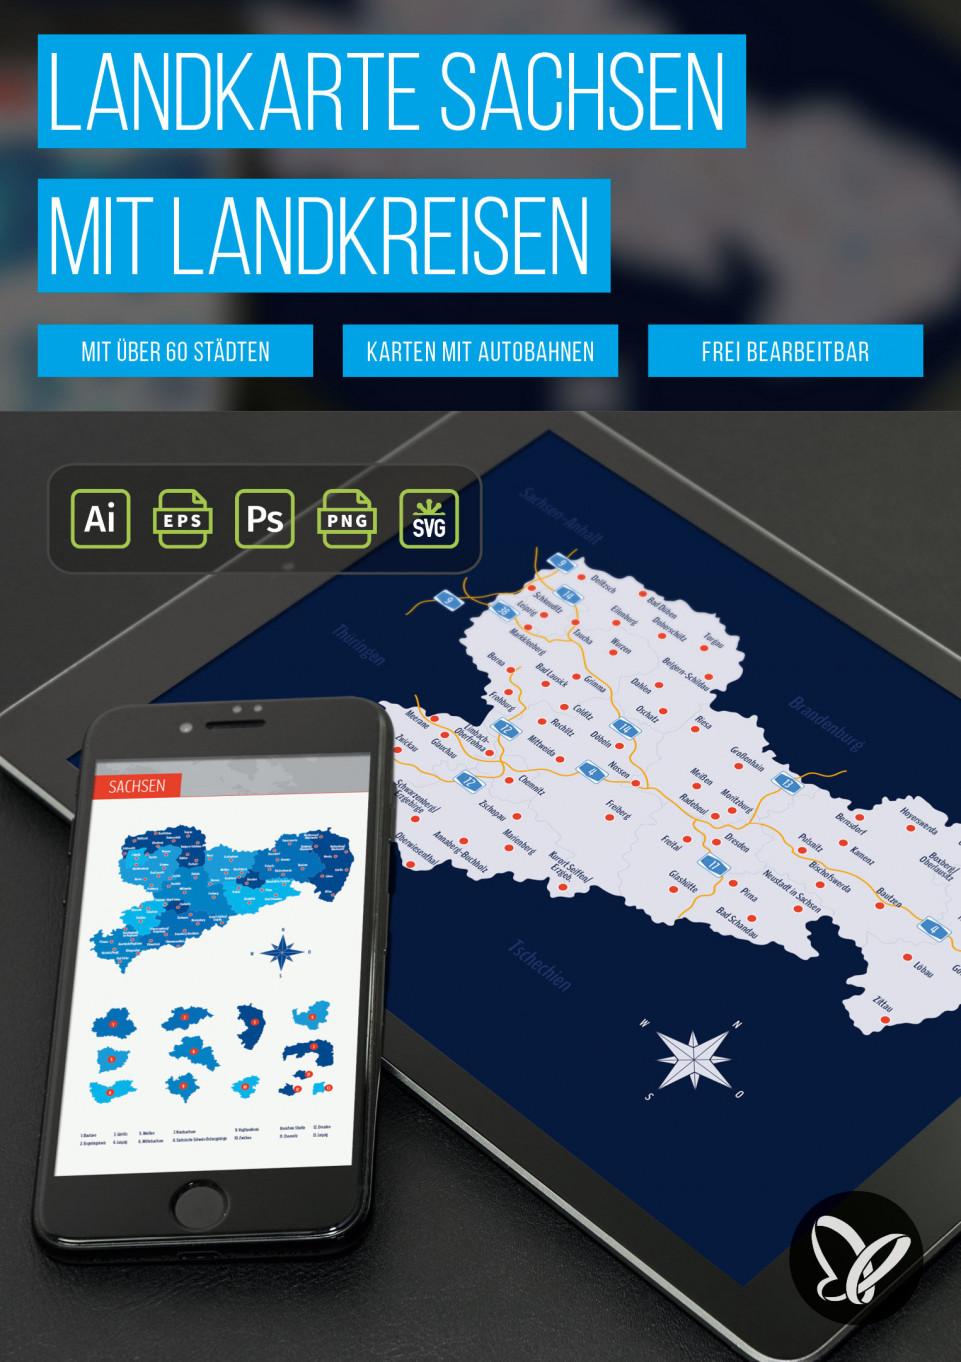 Landkarte Sachsen mit Landkreisen